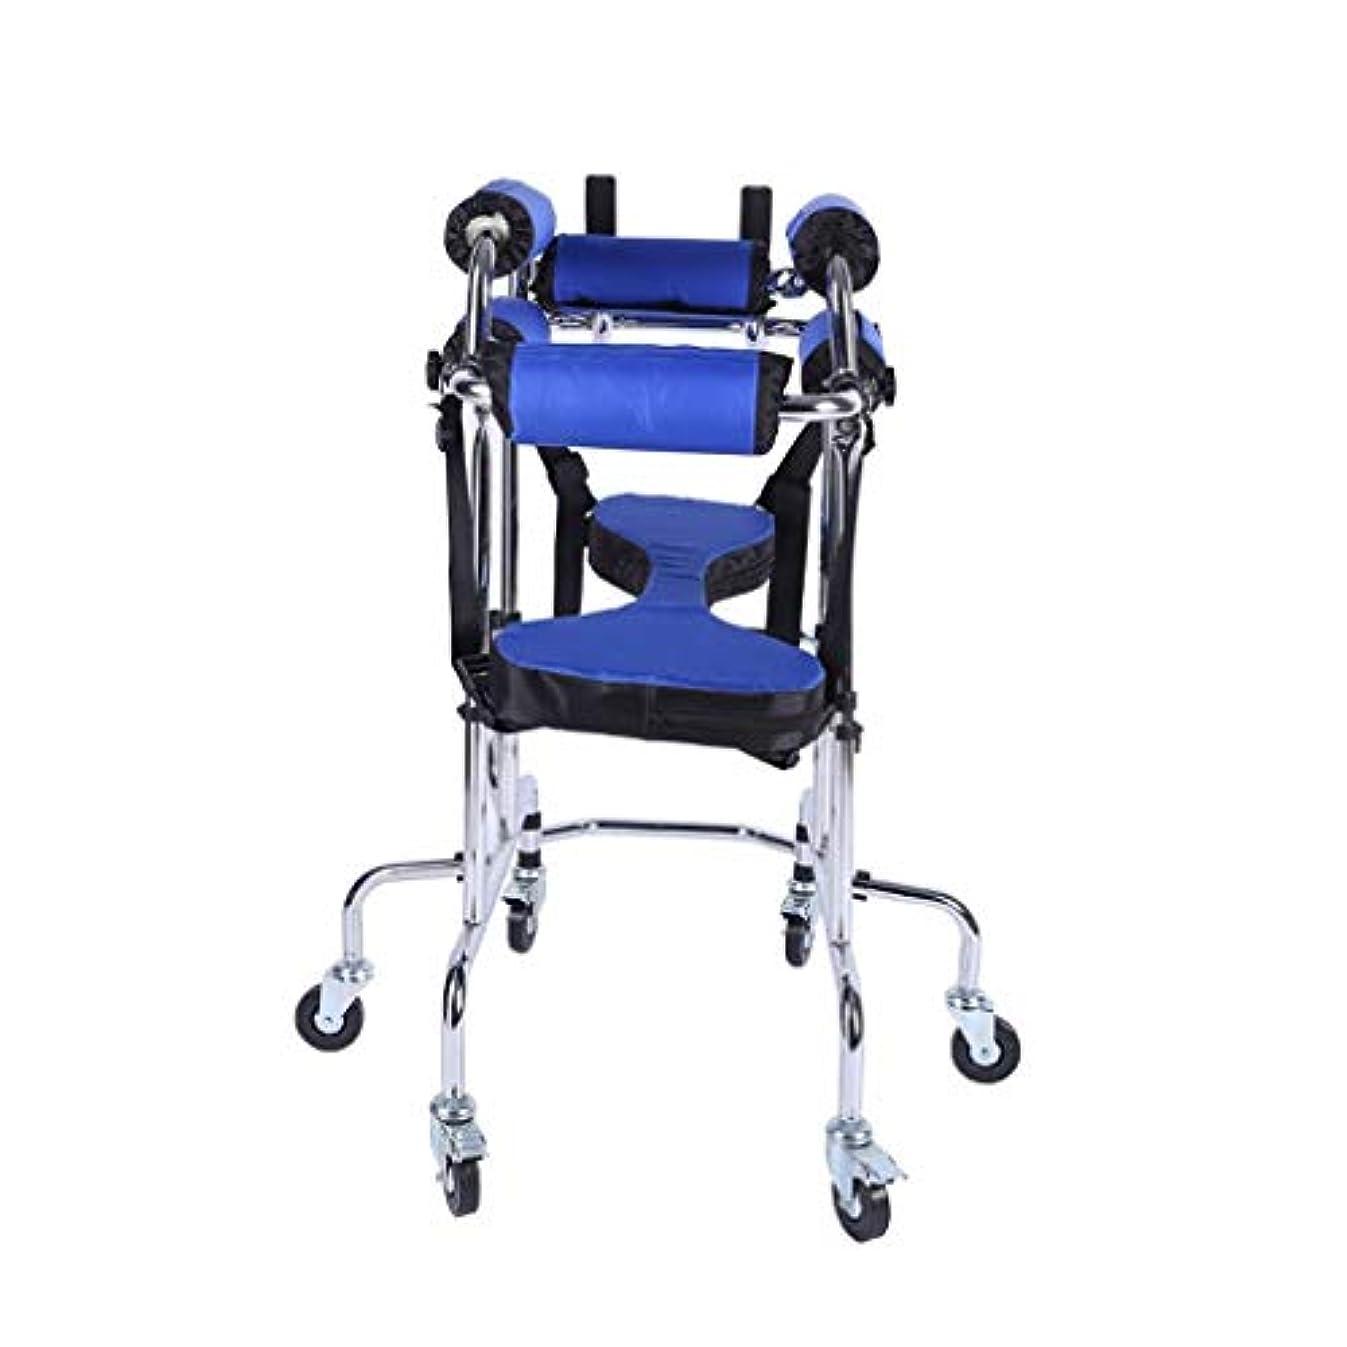 盲目専門化する束チャイルドウォーカー/下肢トレーニングおよびリハビリ機器/リハビリ機器/スタンディングウォークスタンド/ウォークエイド/ウォーカー/スタンドフレーム付きシートホイール